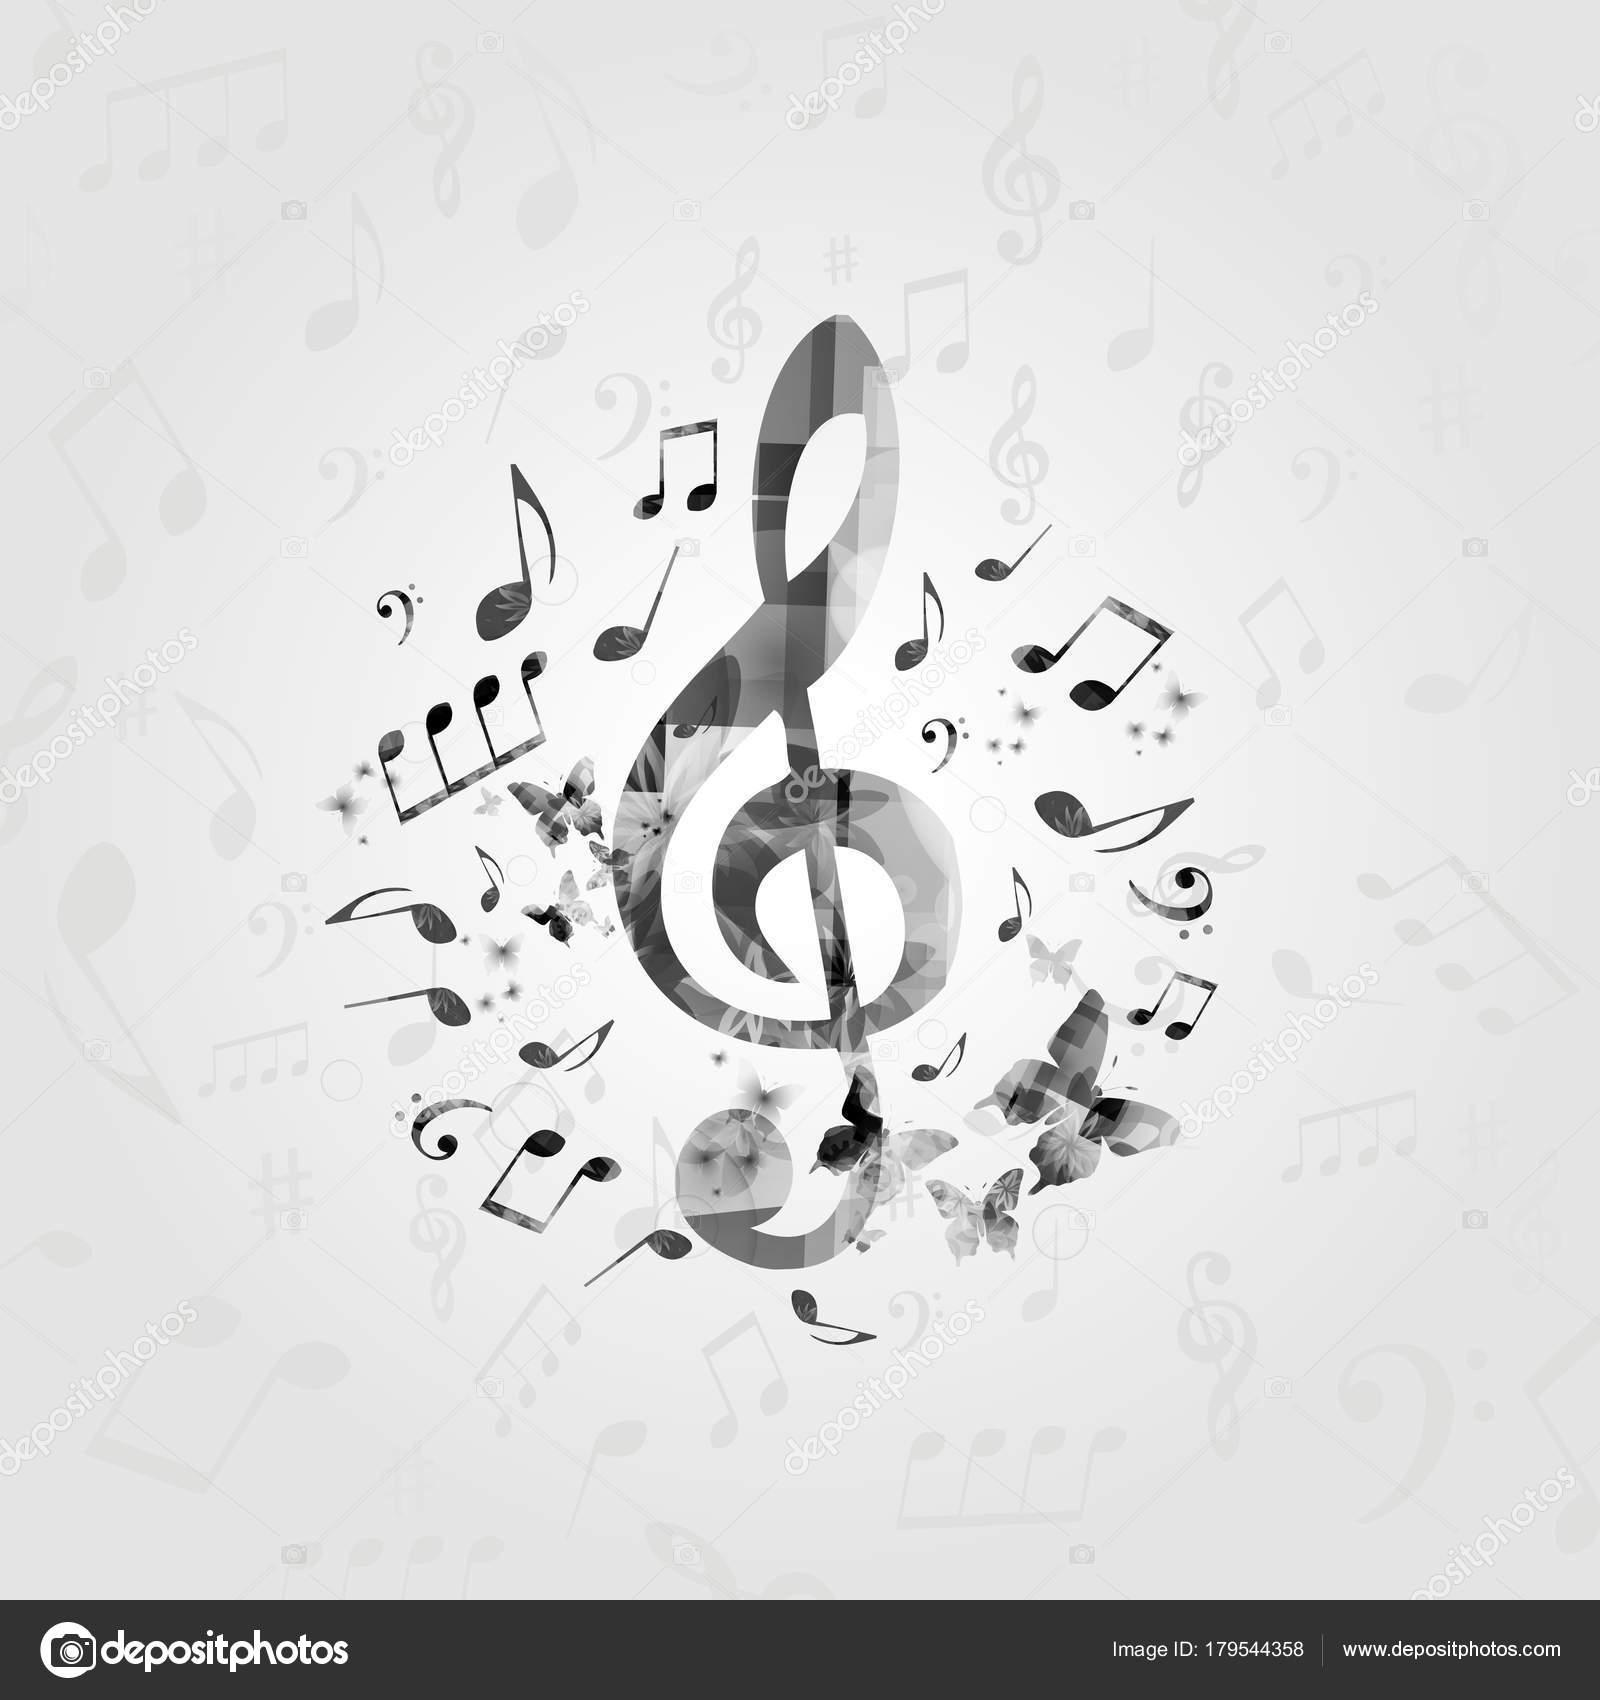 Beliebt Schwarz Weiß Musik Poster Mit Noten Musik Designelemente Für Karte  HQ16